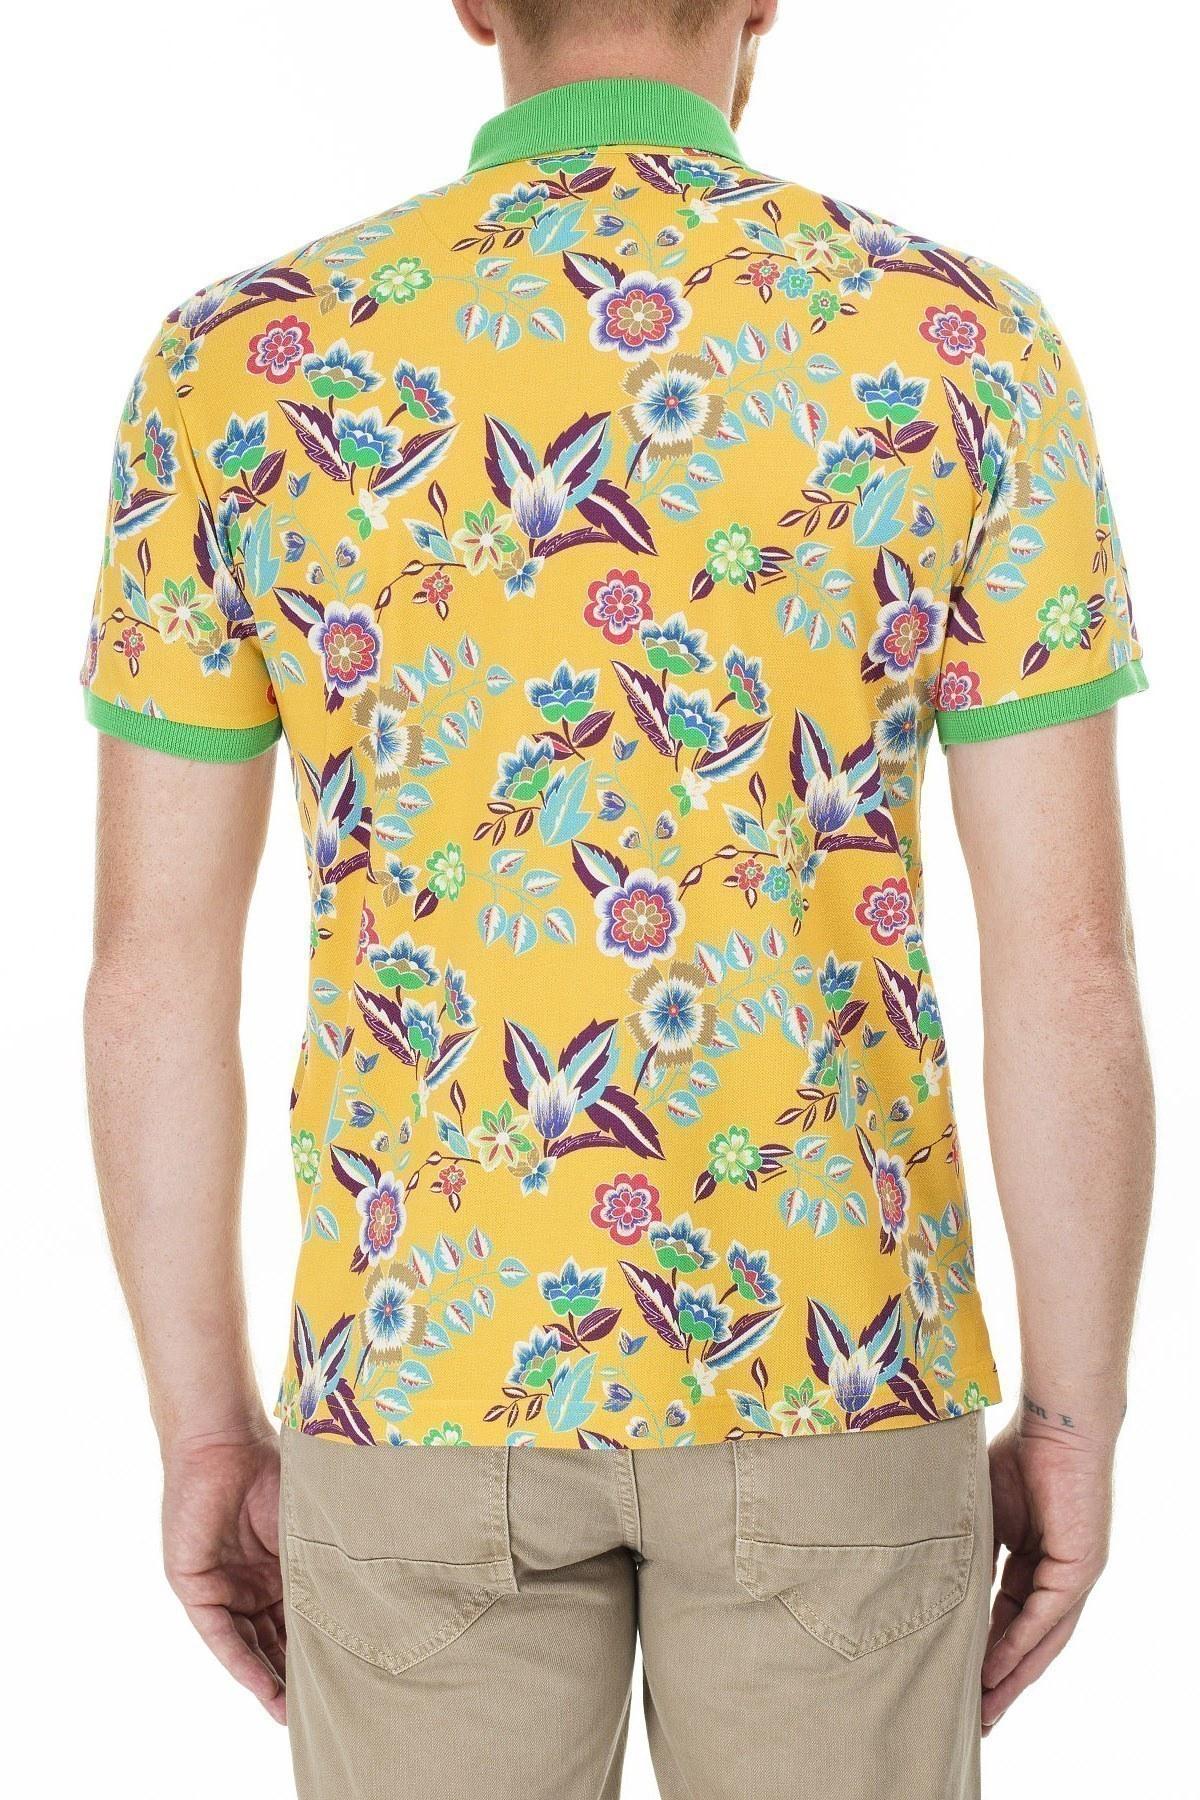 Etro Regular Fit Çiçek Desenli Düğmeli T Shirt Erkek Polo 1Y800 4059 700 SARI